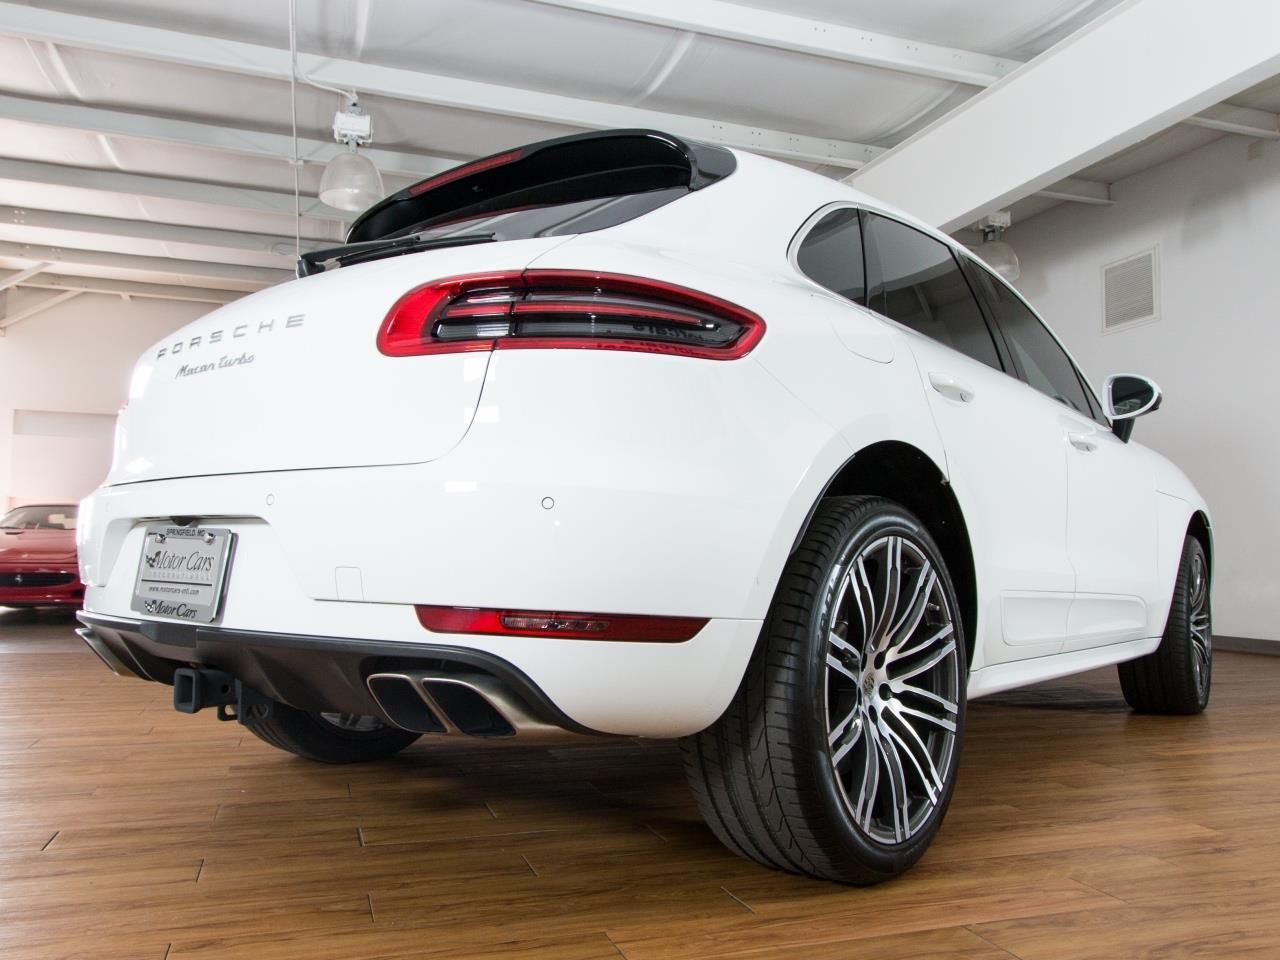 2016 Porsche Macan Turbo Sport Utility 4 Door